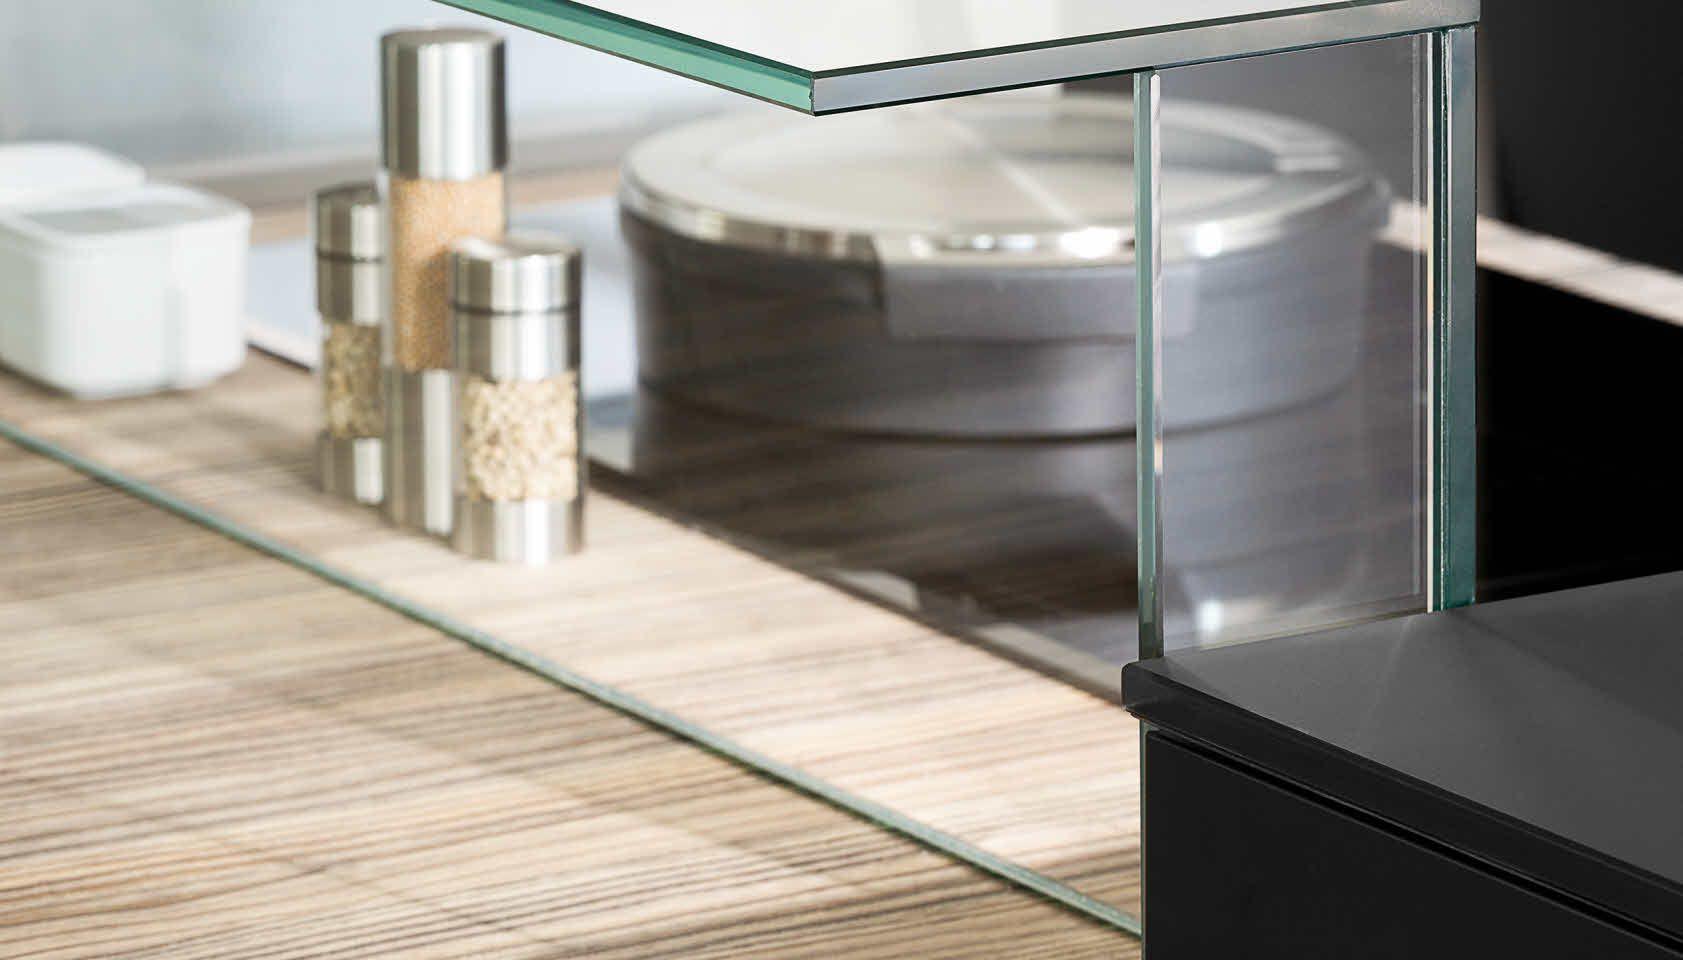 Poggenpohl P´7350 - Design by Porsche Design Studio - Detailansicht Glasaufsatz